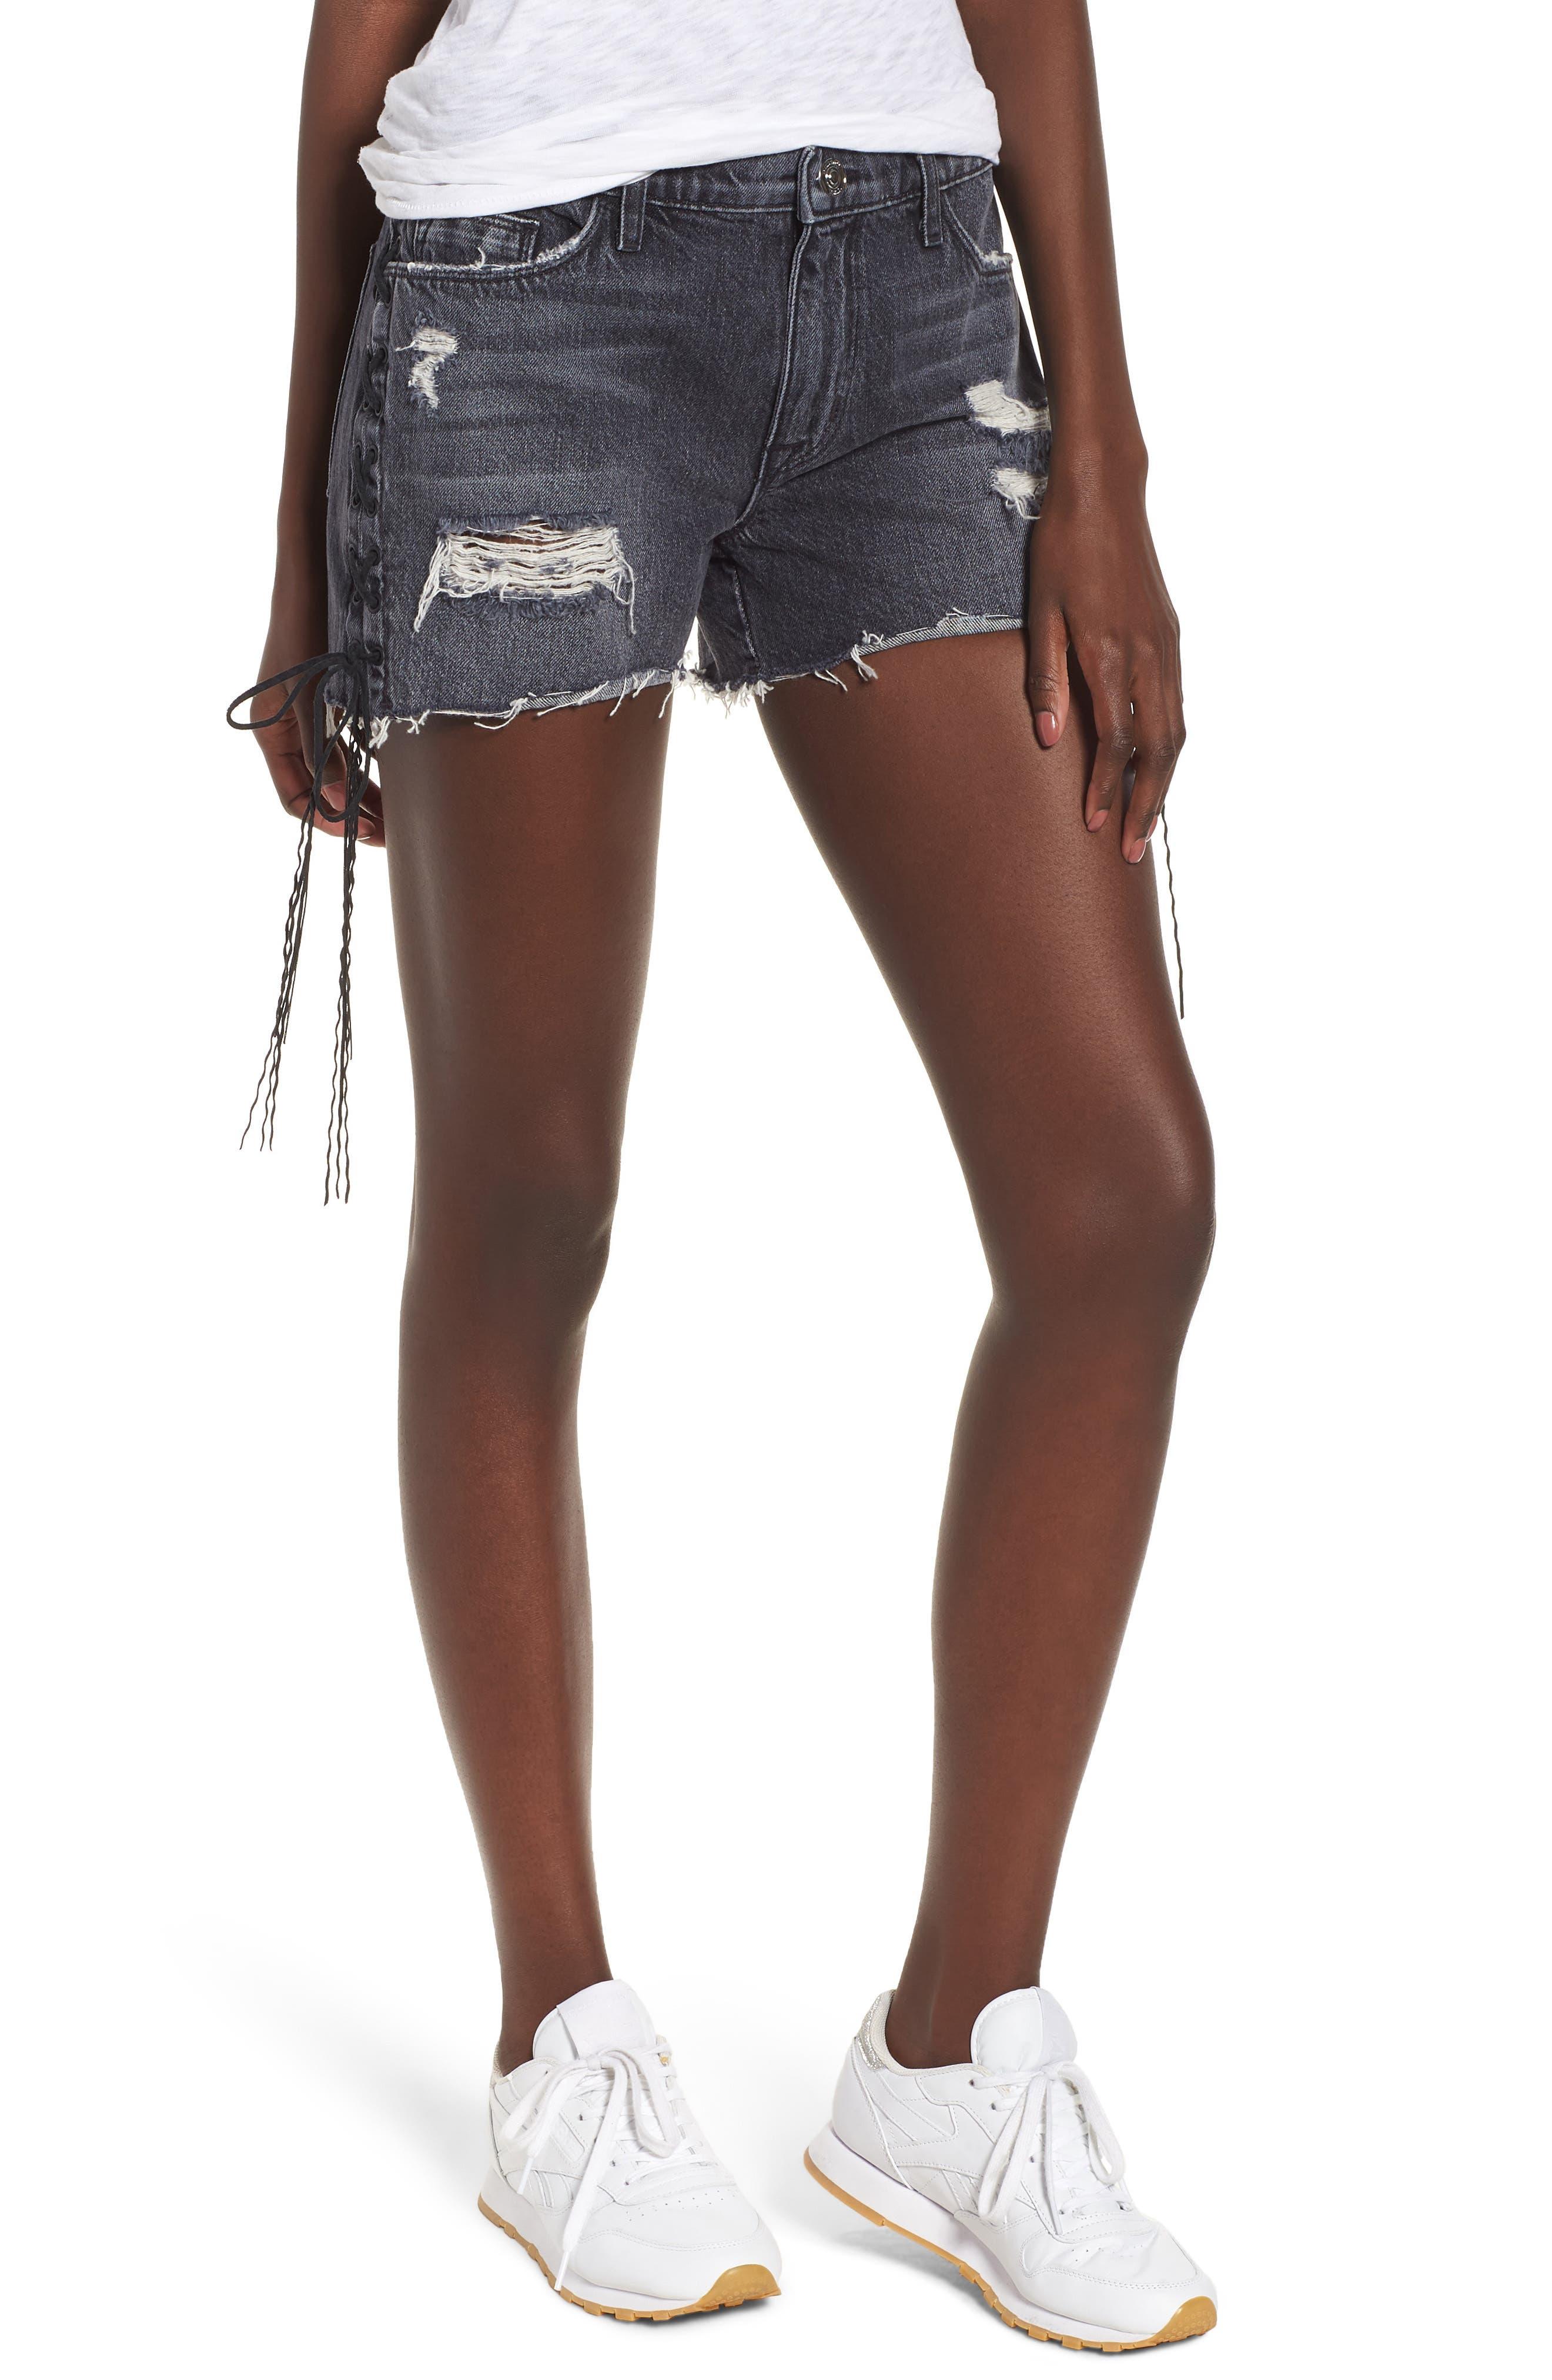 Sade Lace-Up Cutoff Denim Shorts,                             Main thumbnail 1, color,                             001